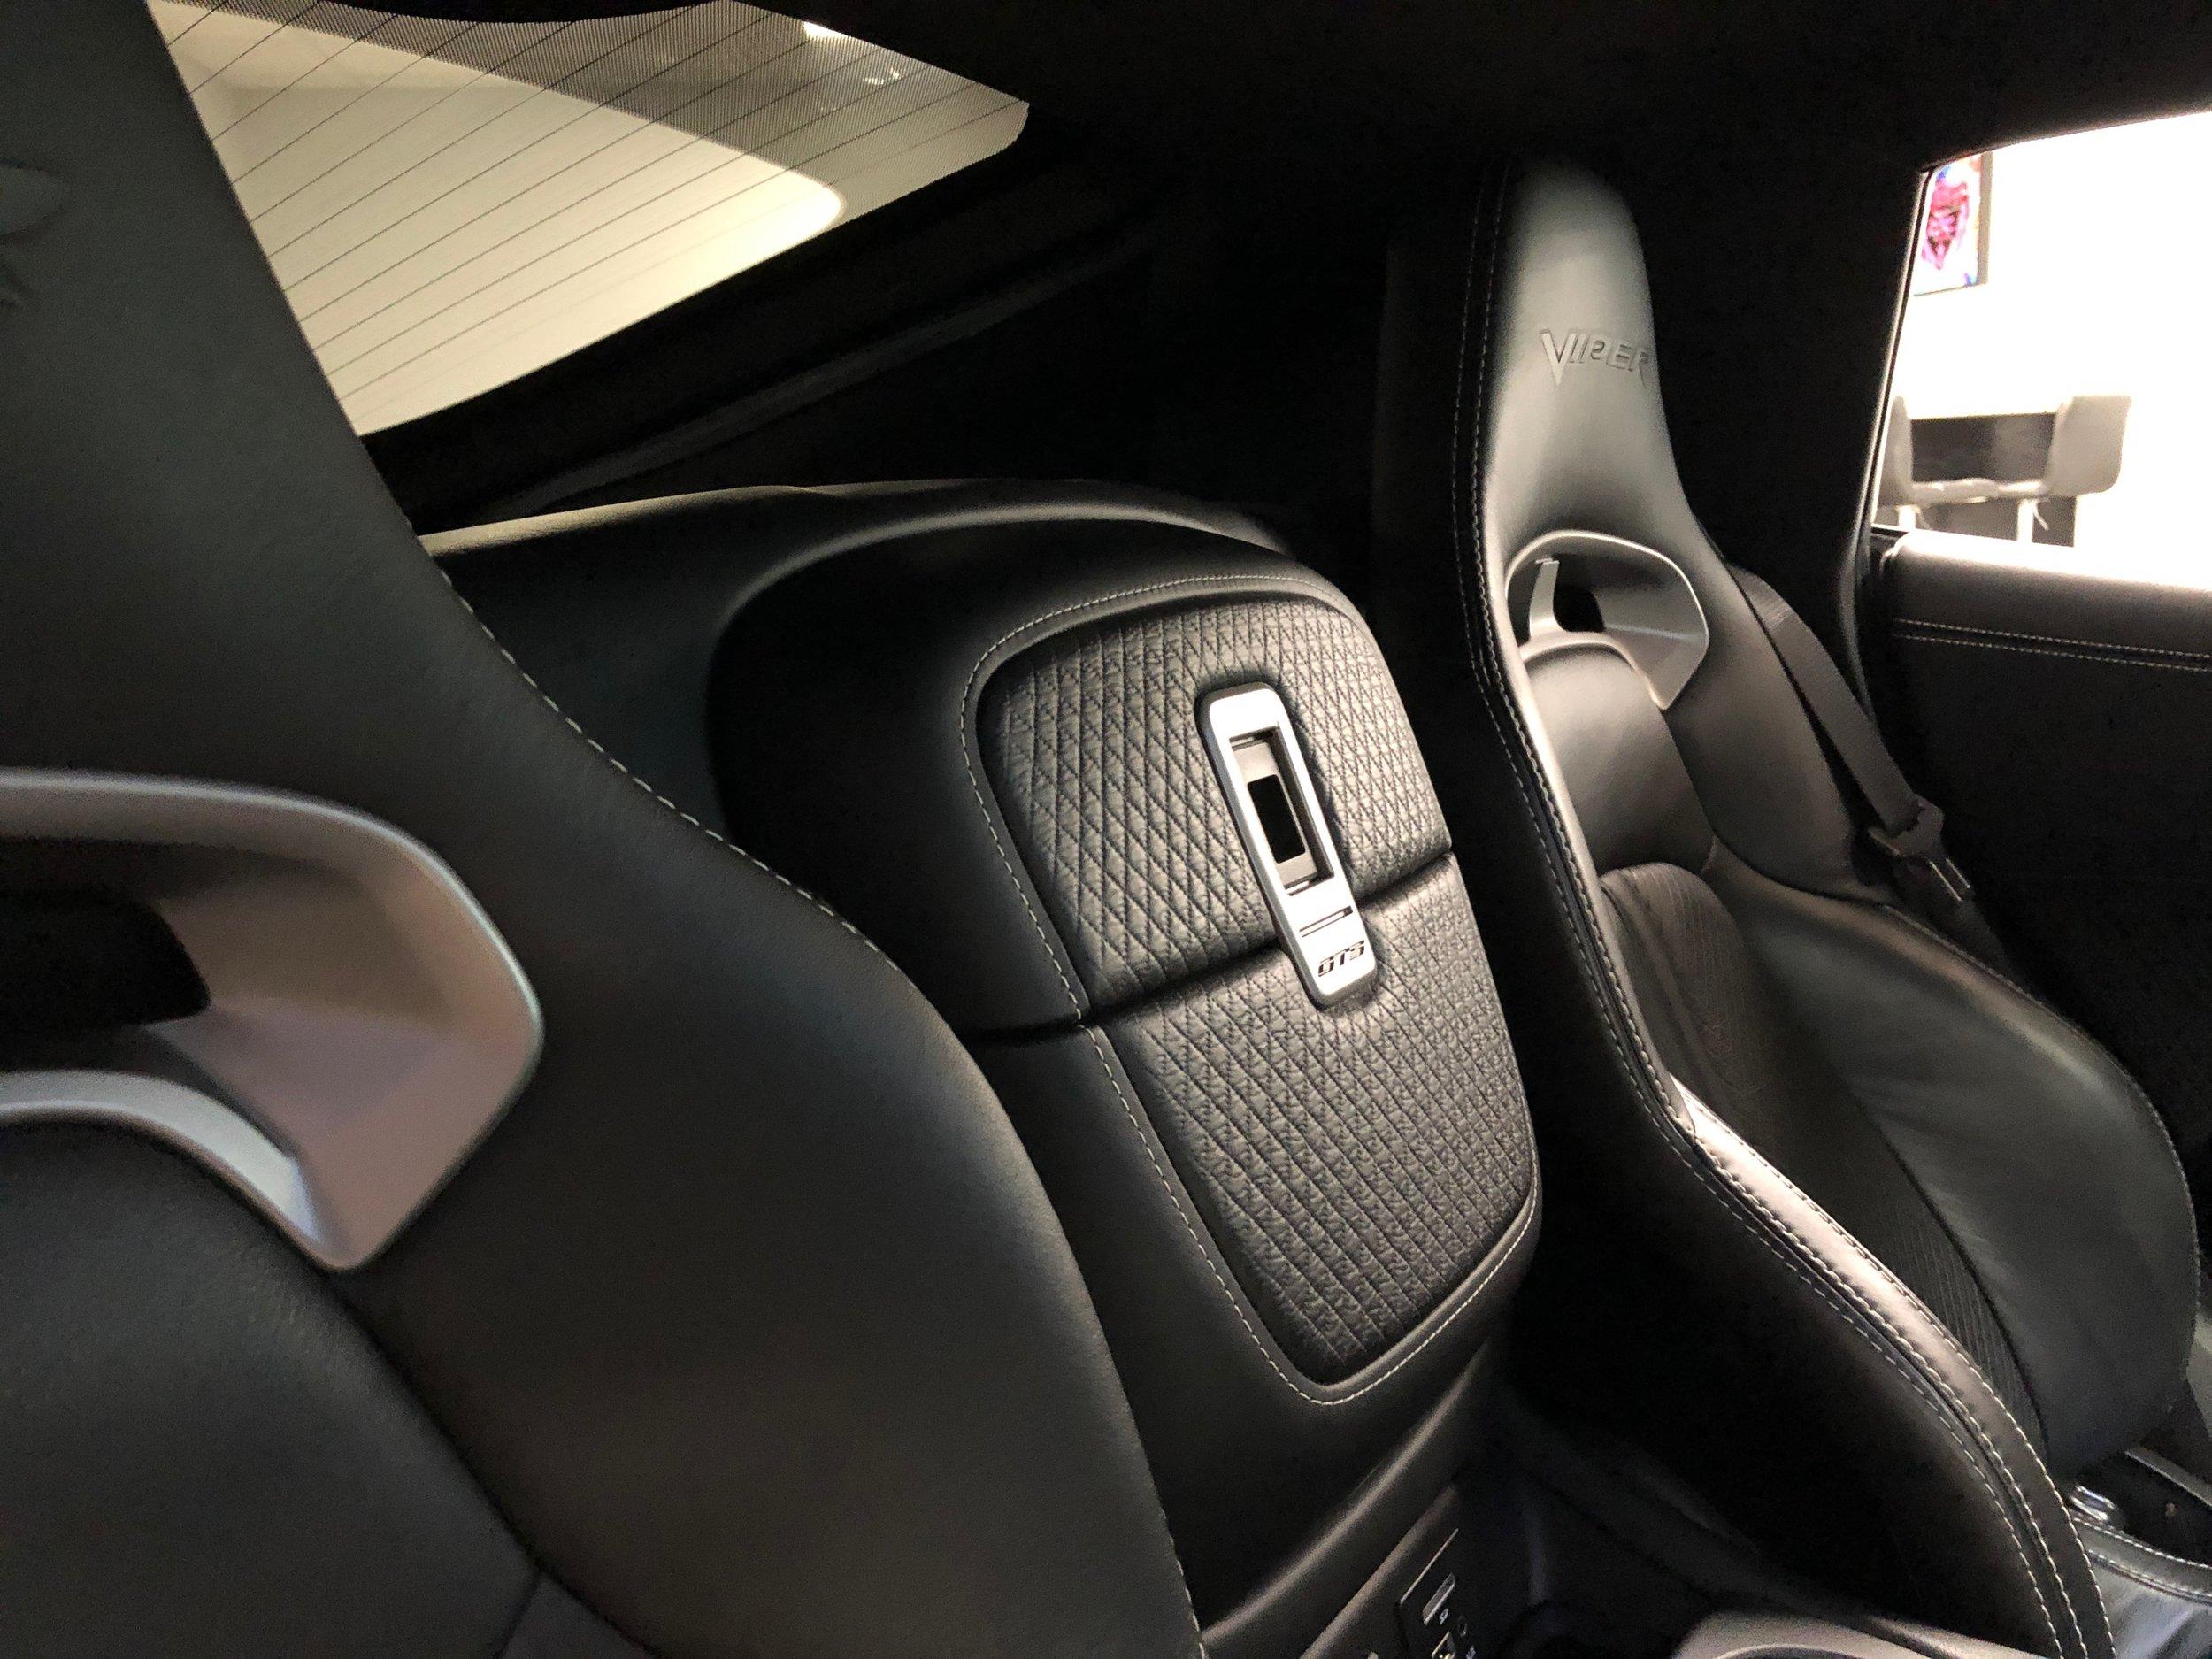 2014 Dodge Viper GTS Seats